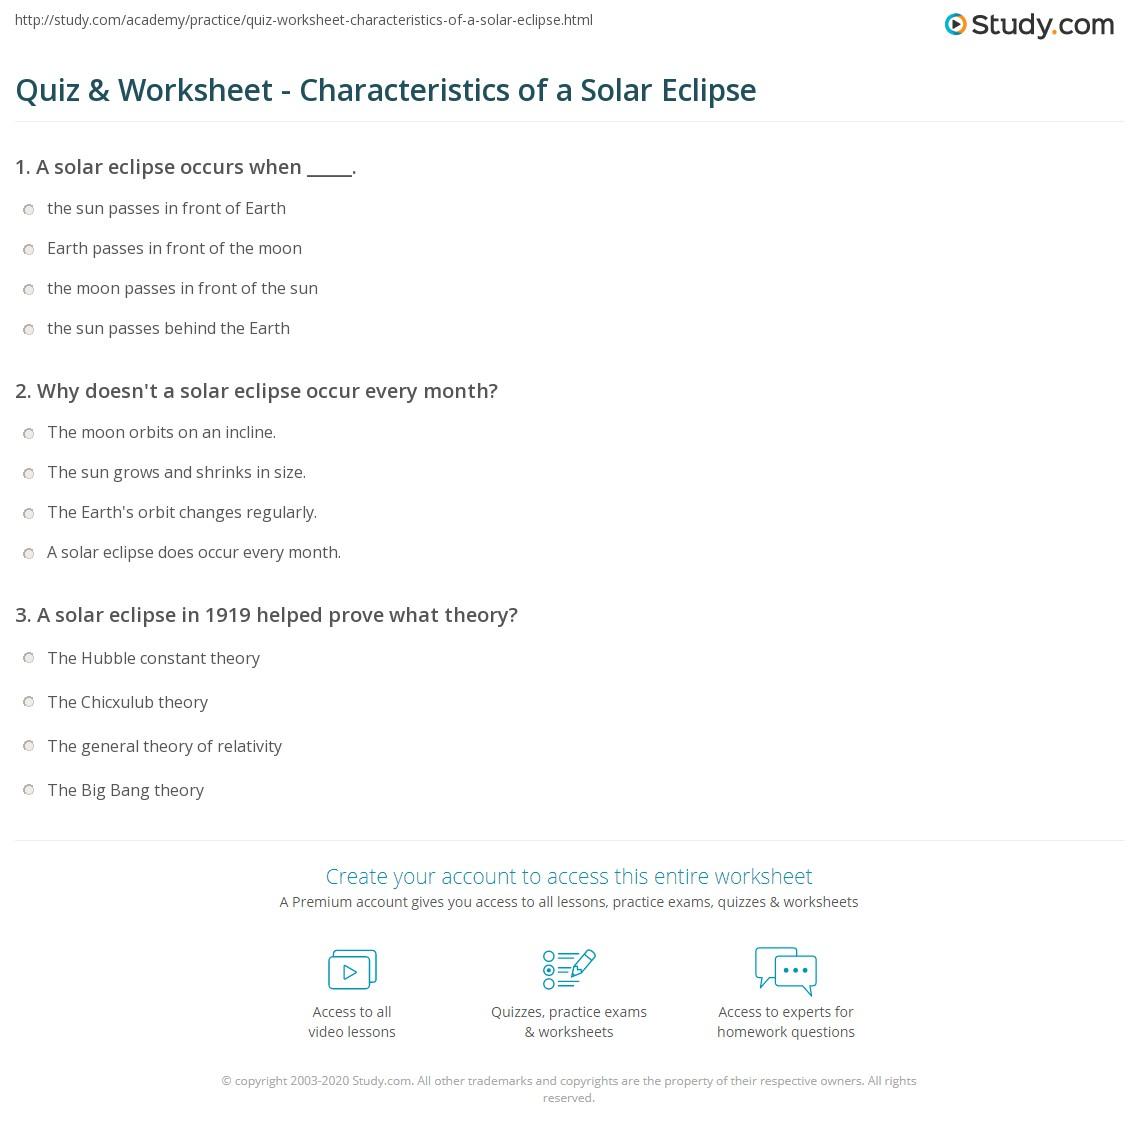 Quiz & Worksheet - Characteristics of a Solar Eclipse | Study.com